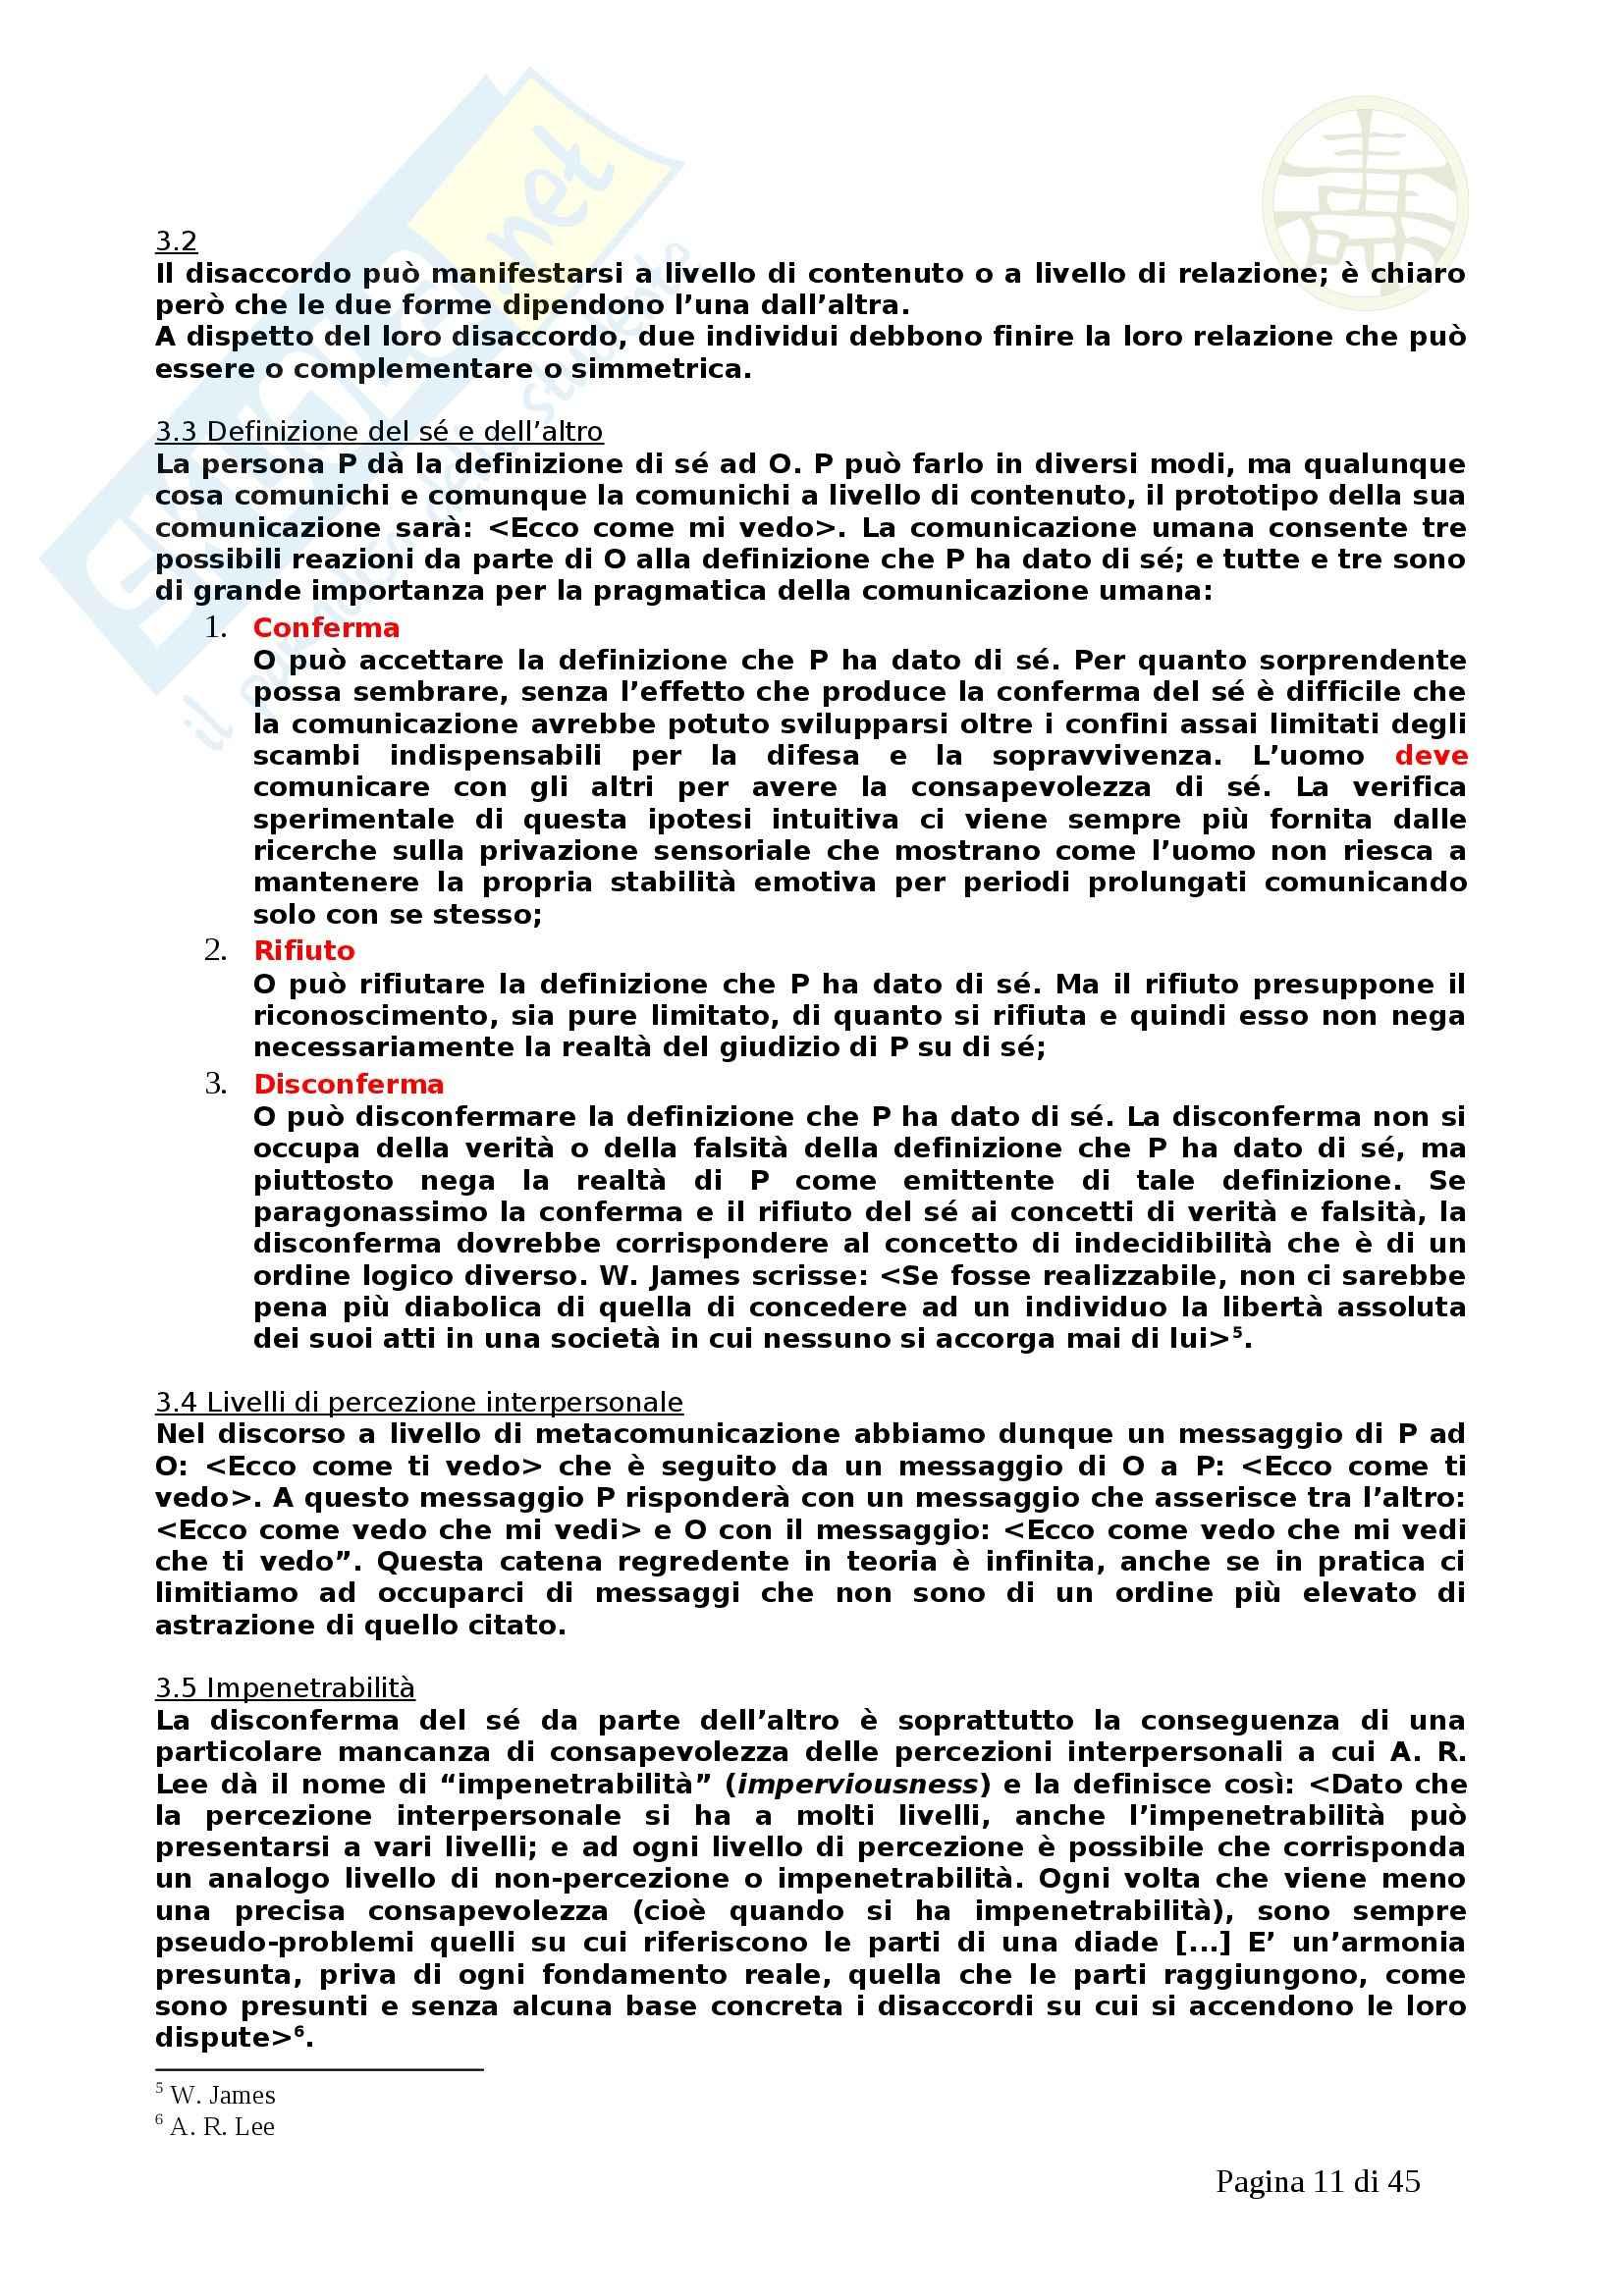 Psicologia - la pragmatica della comunicazione umana Pag. 11